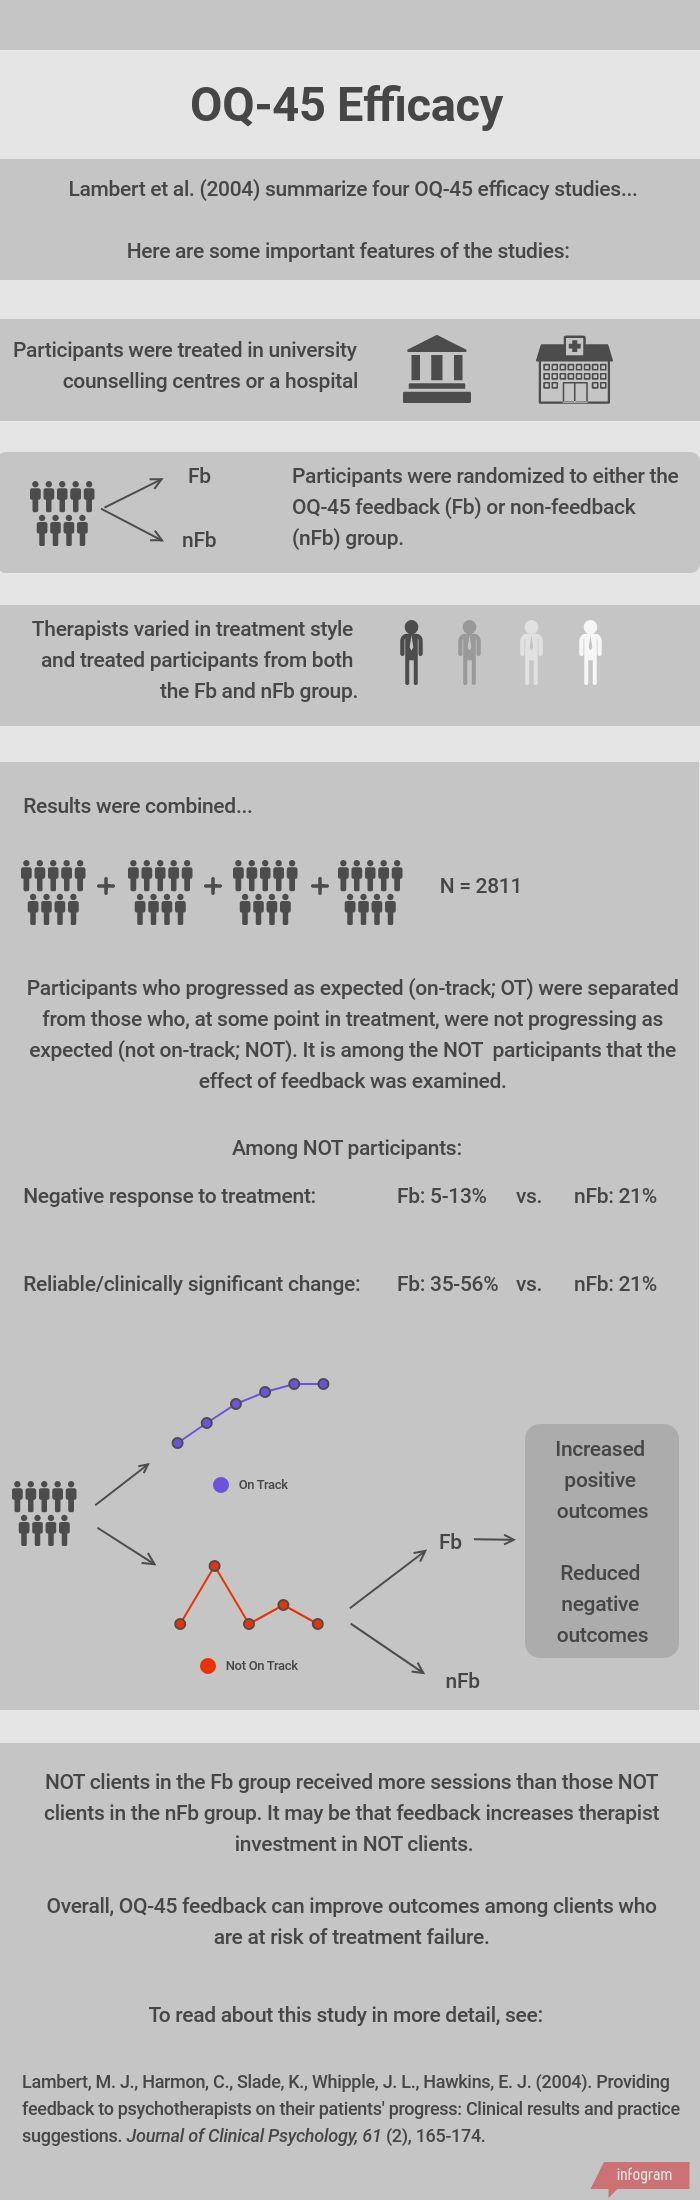 Research_efficacy_OQ45.jpg